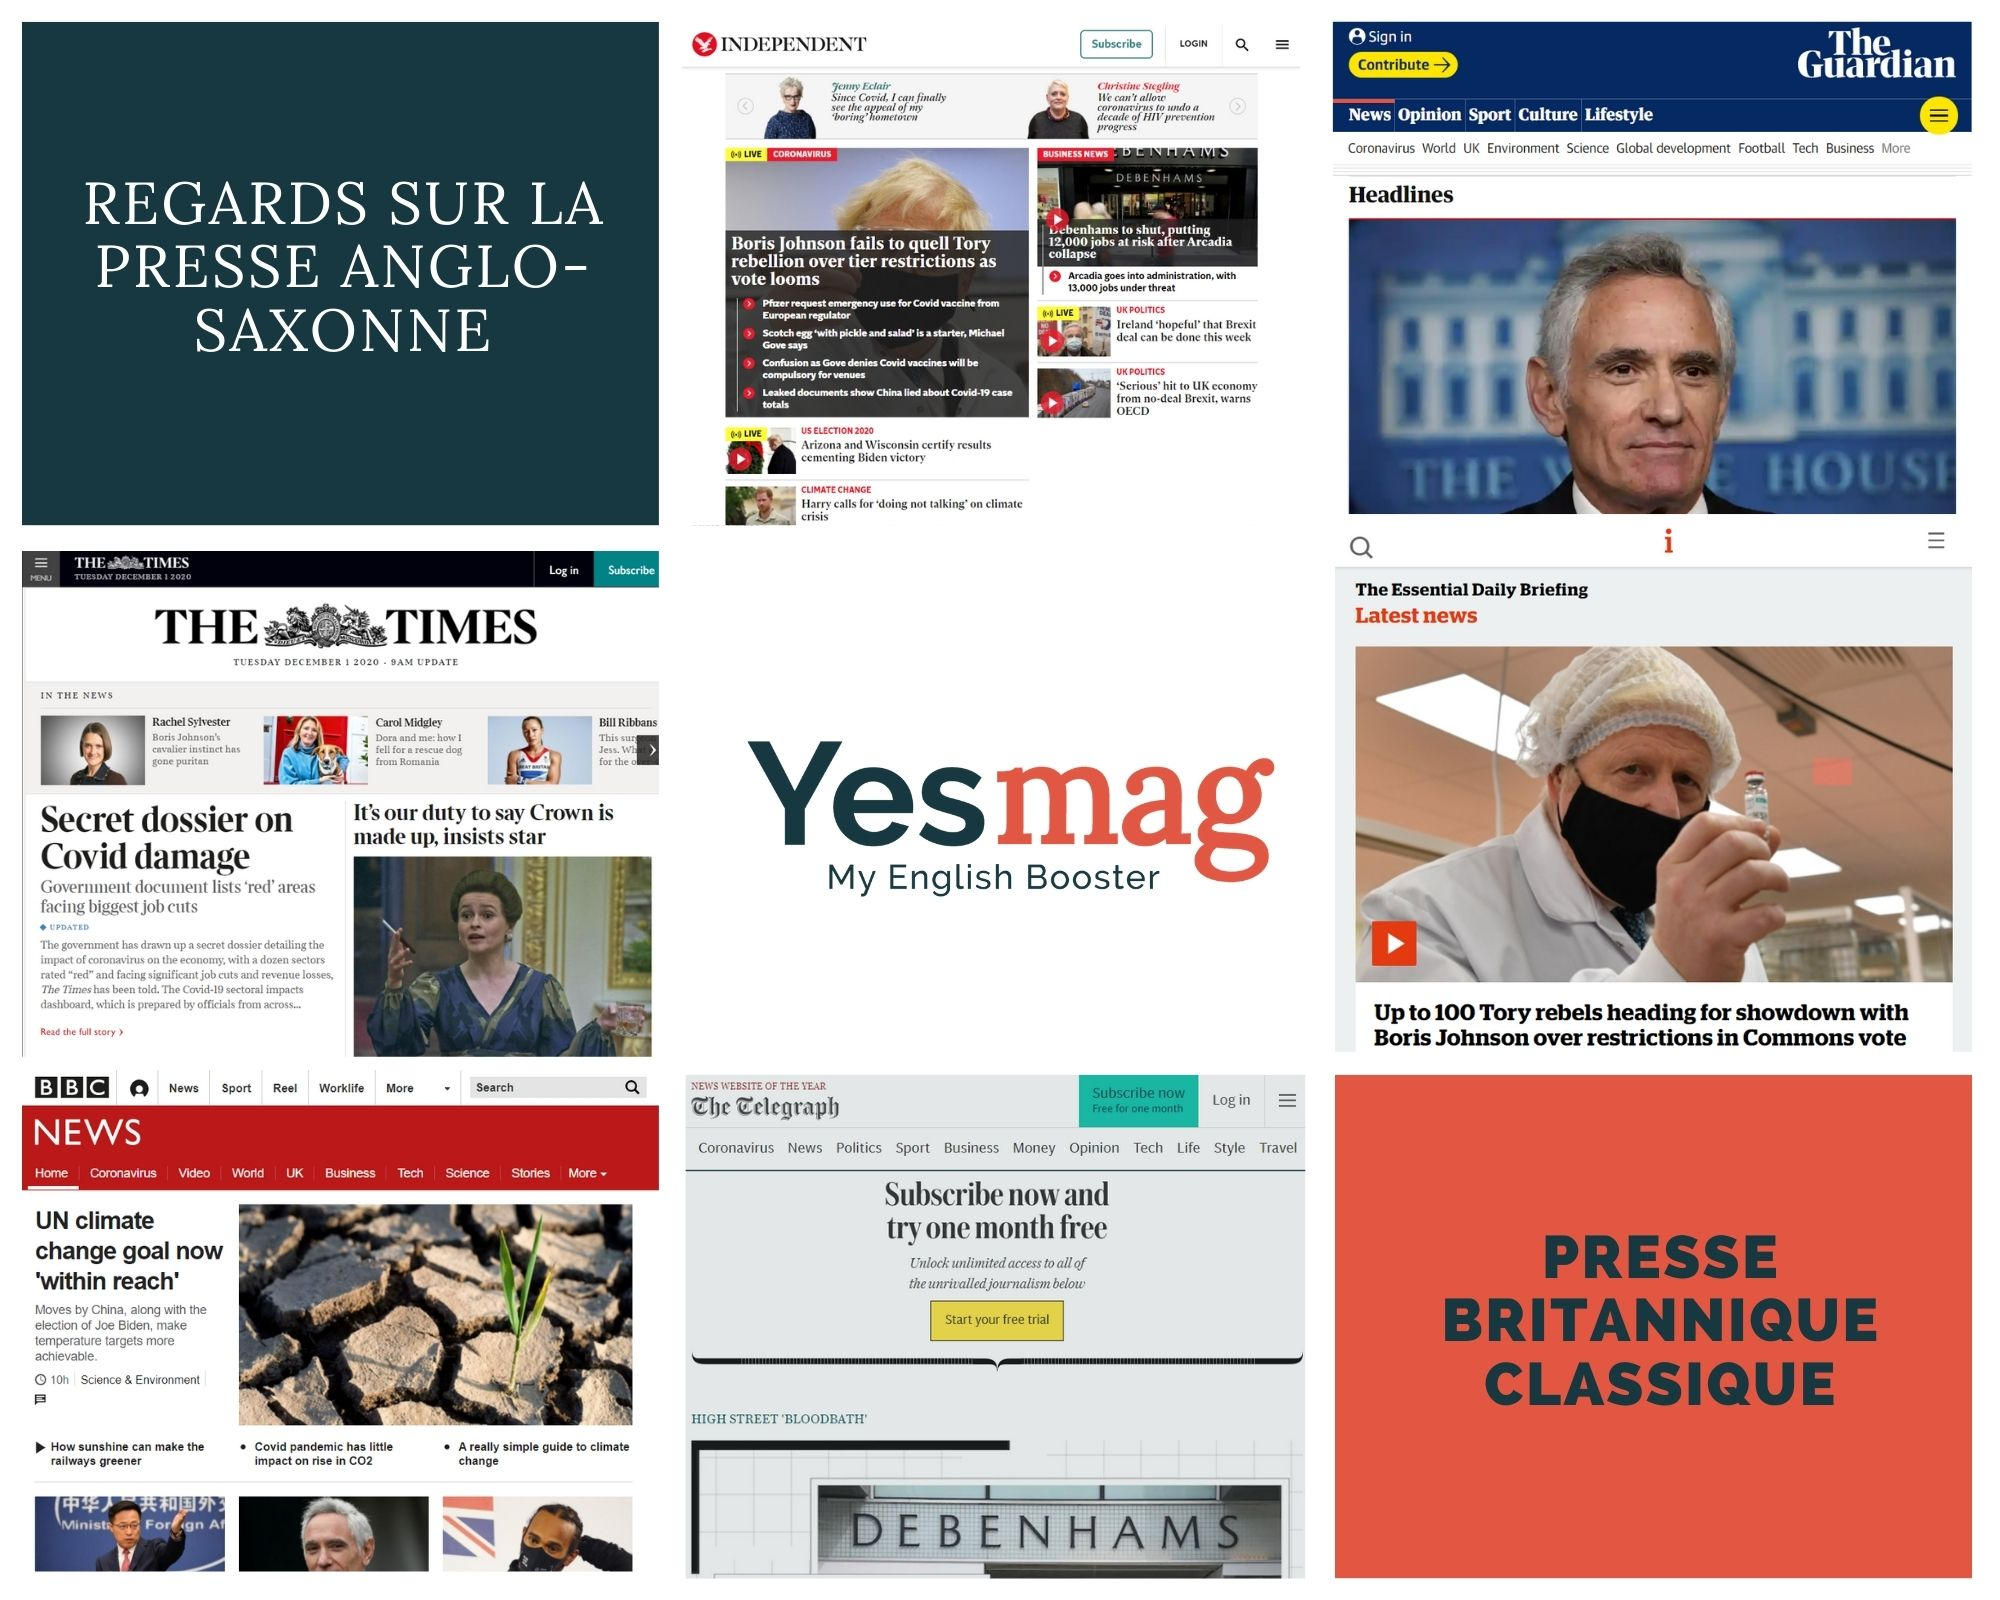 Où trouver des journaux en anglais à lire pour s'améliorer ?